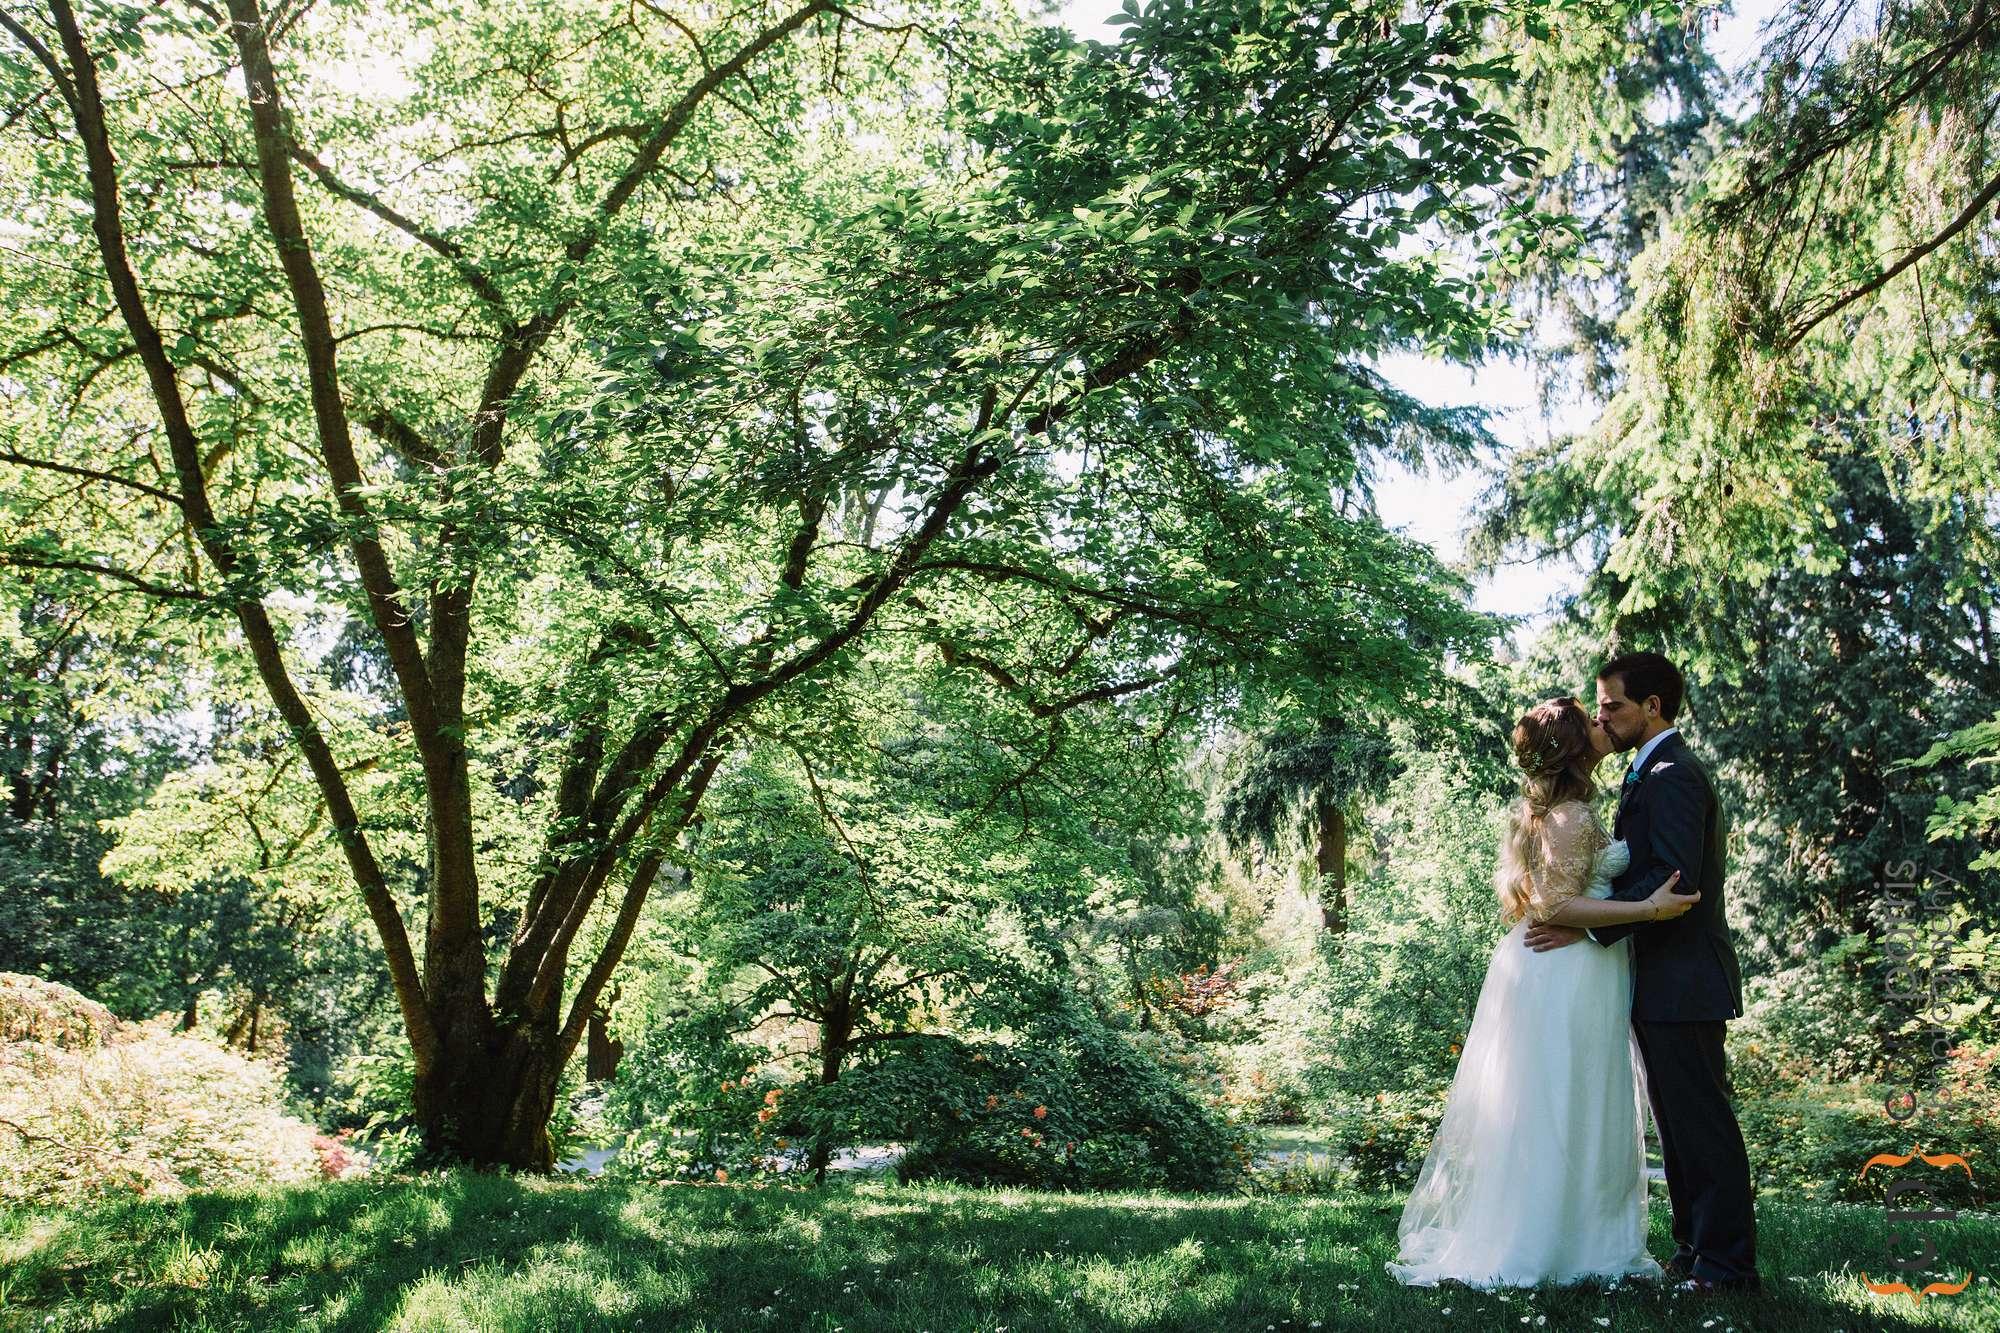 Washington Park Arboretum wedding